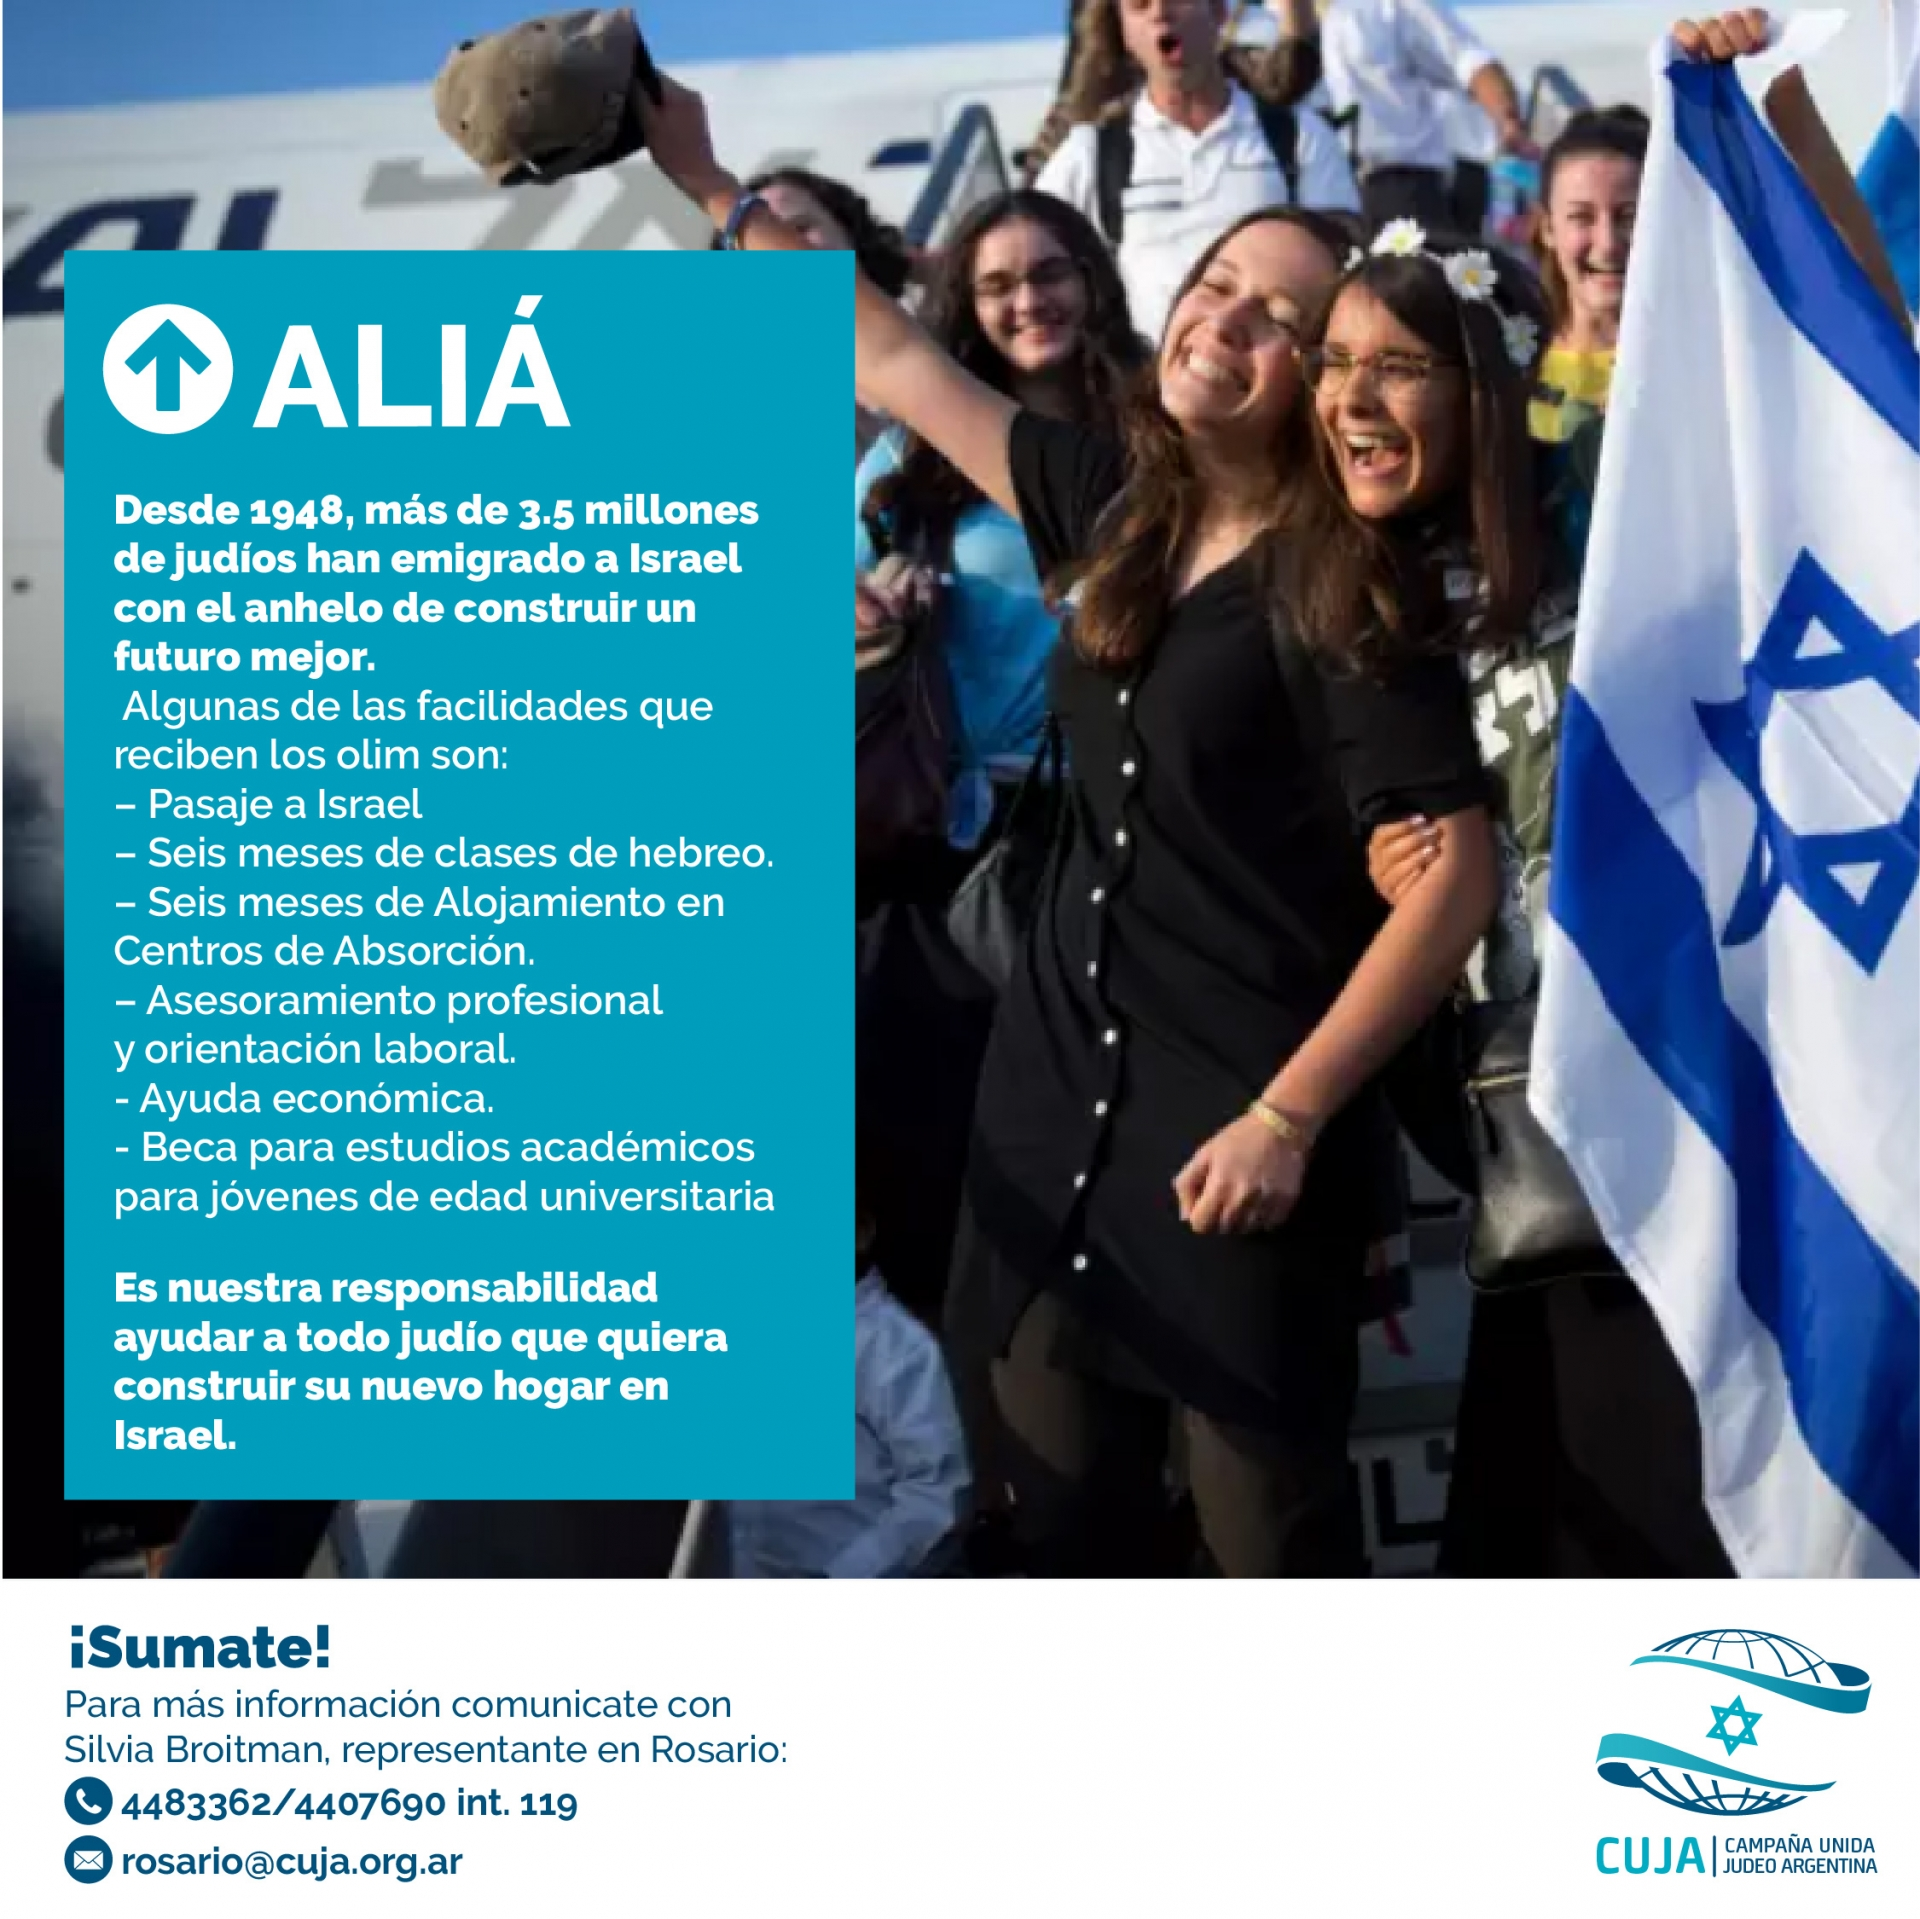 ALIÁ: un nuevo hogar en Israel